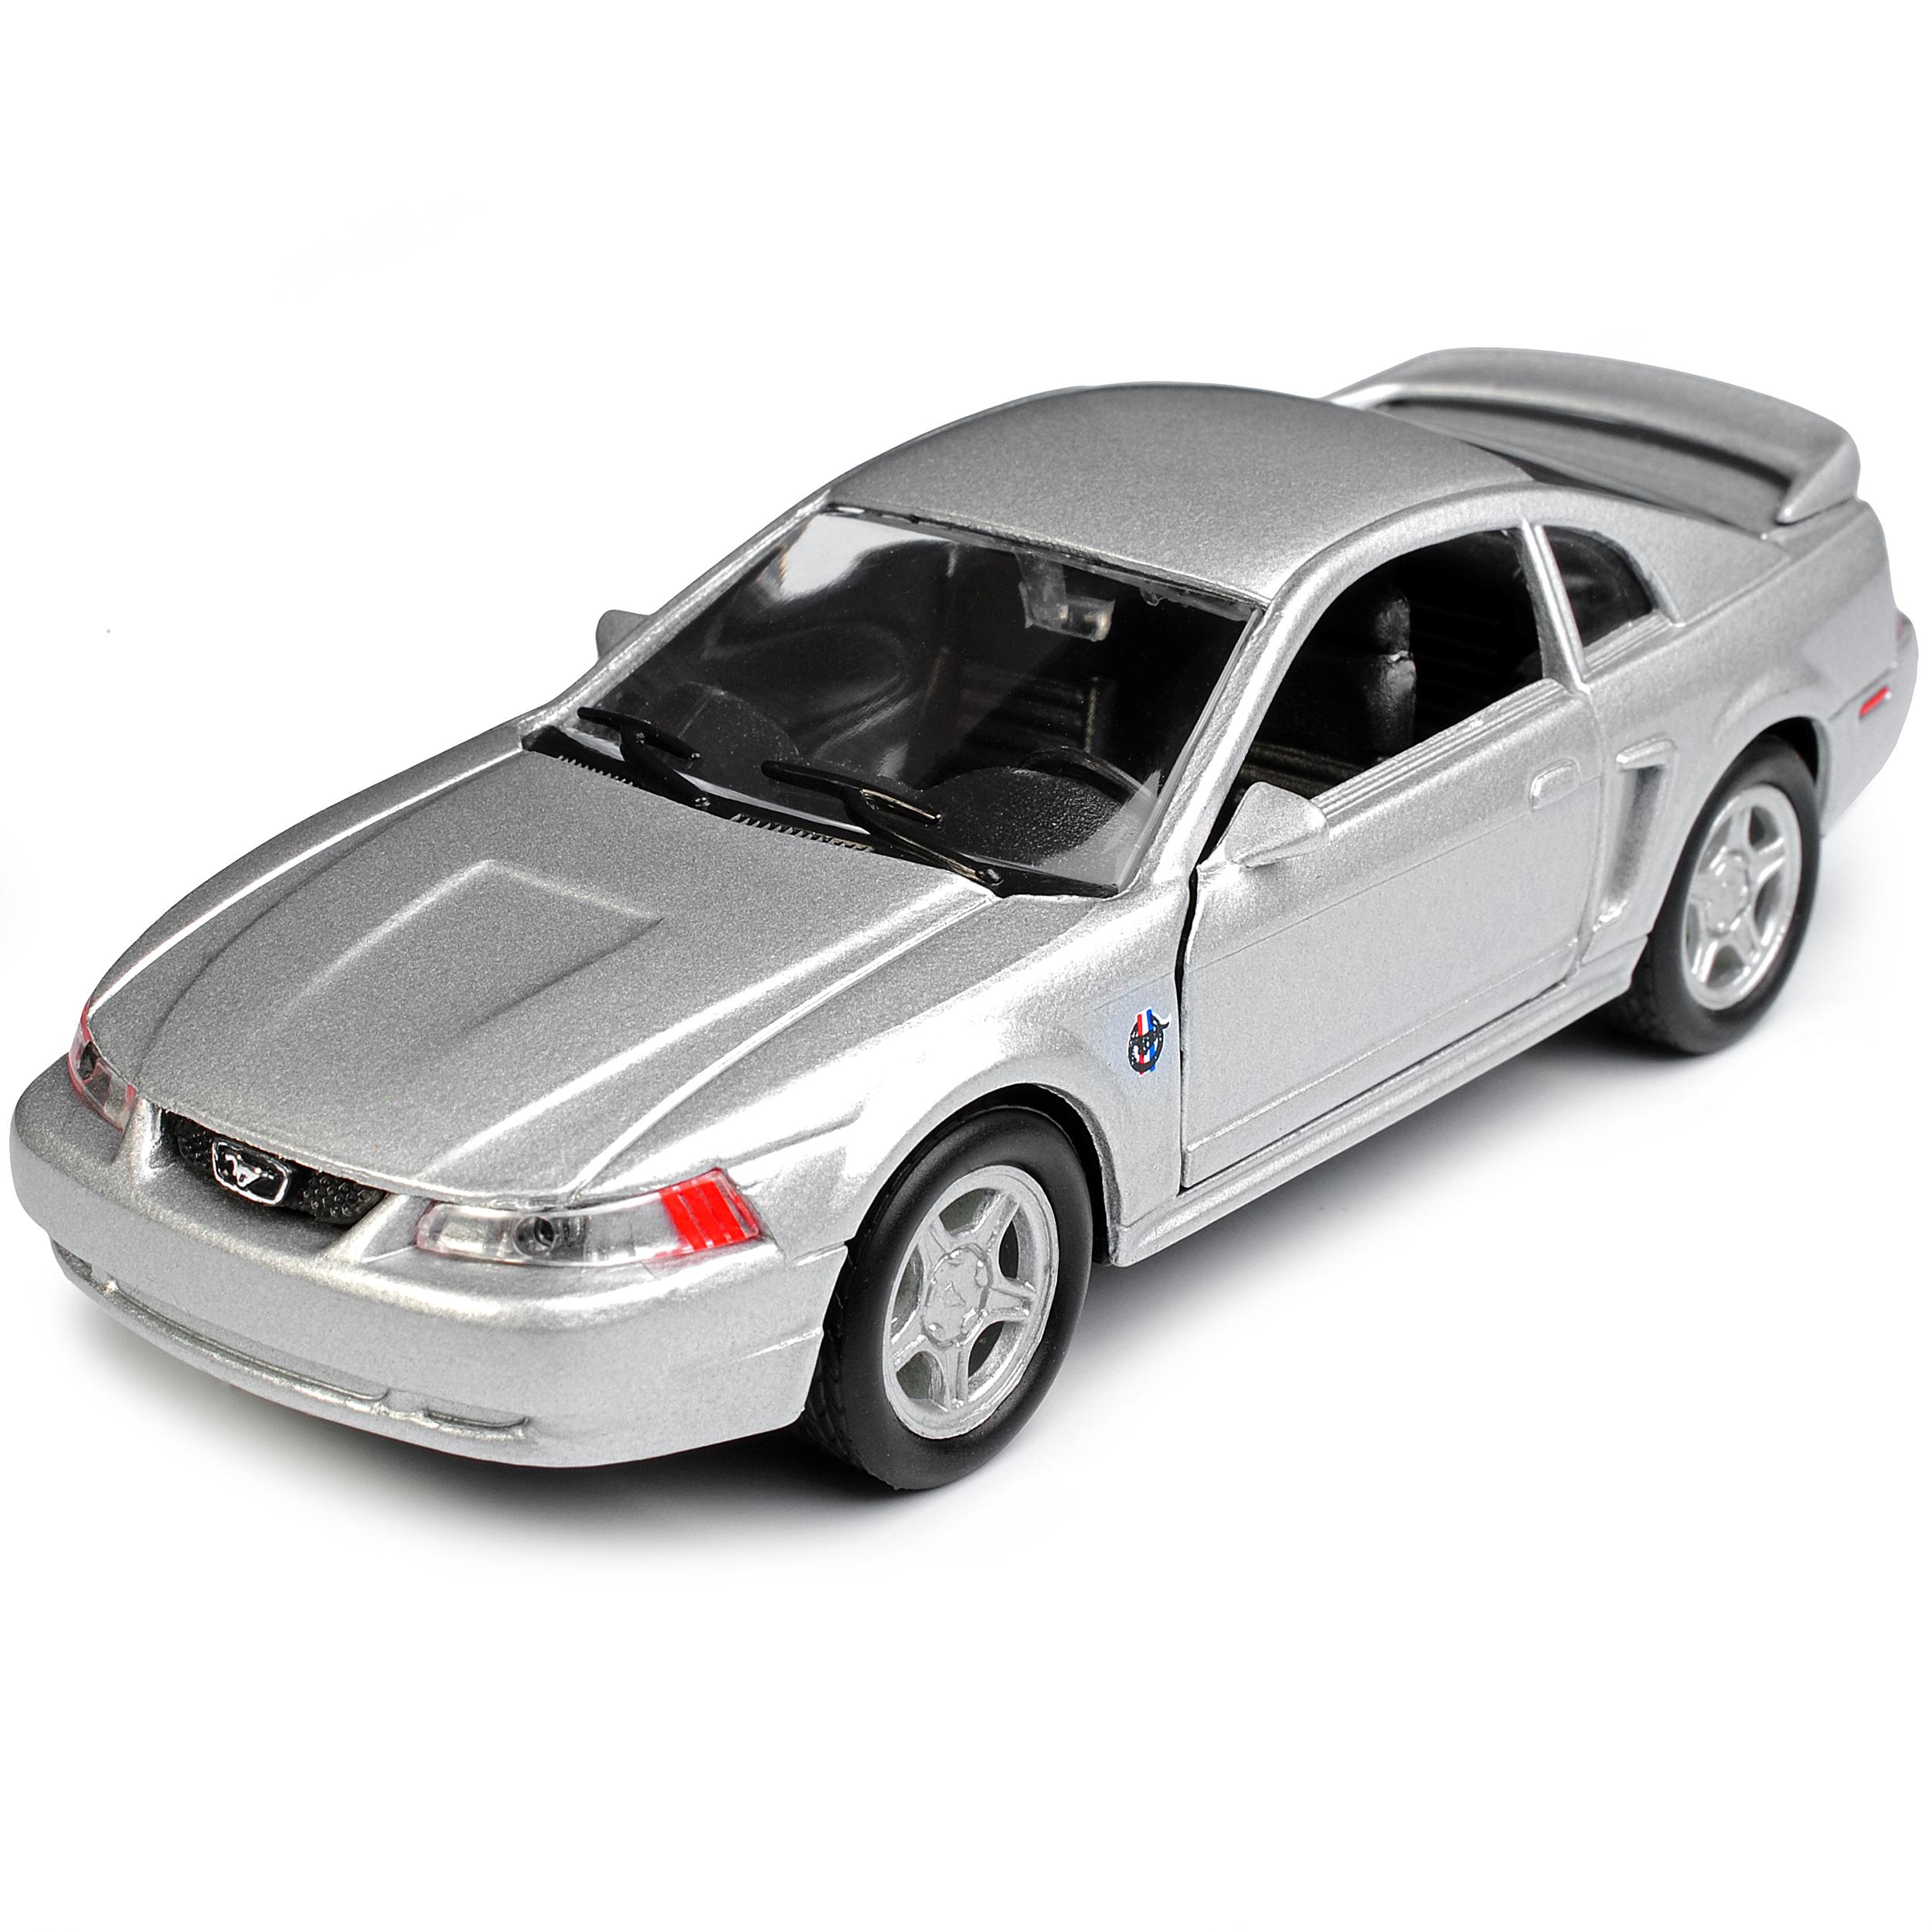 Version-de-plata-1994-2004-Ford-Mustang-IV-GT-coupe-de-cara-ascensor-1999-ca-1-43-1-3 miniatura 8